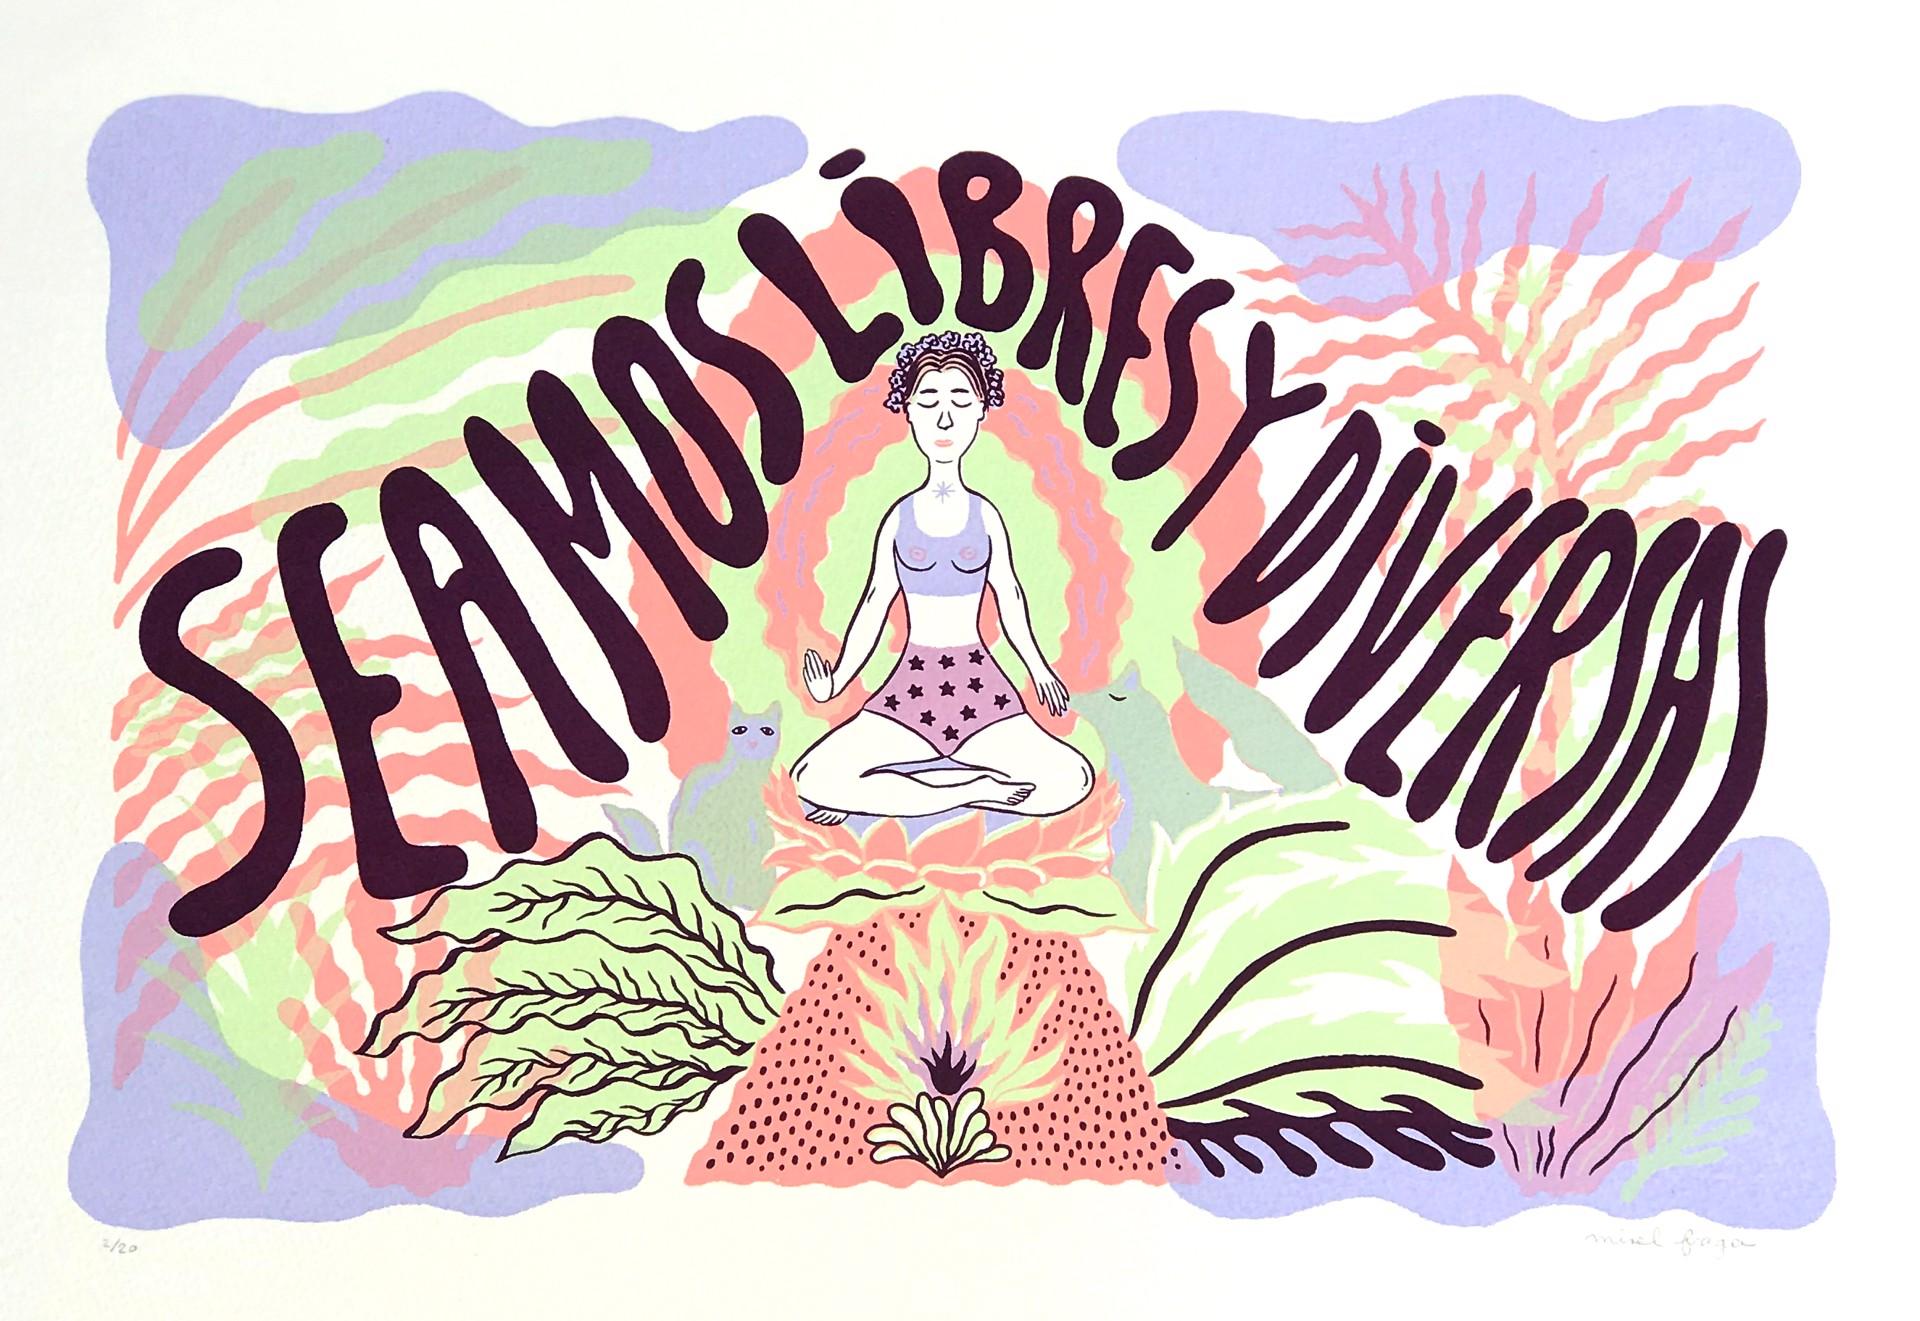 Seamos Diversas y Libres by Mirel Fraga